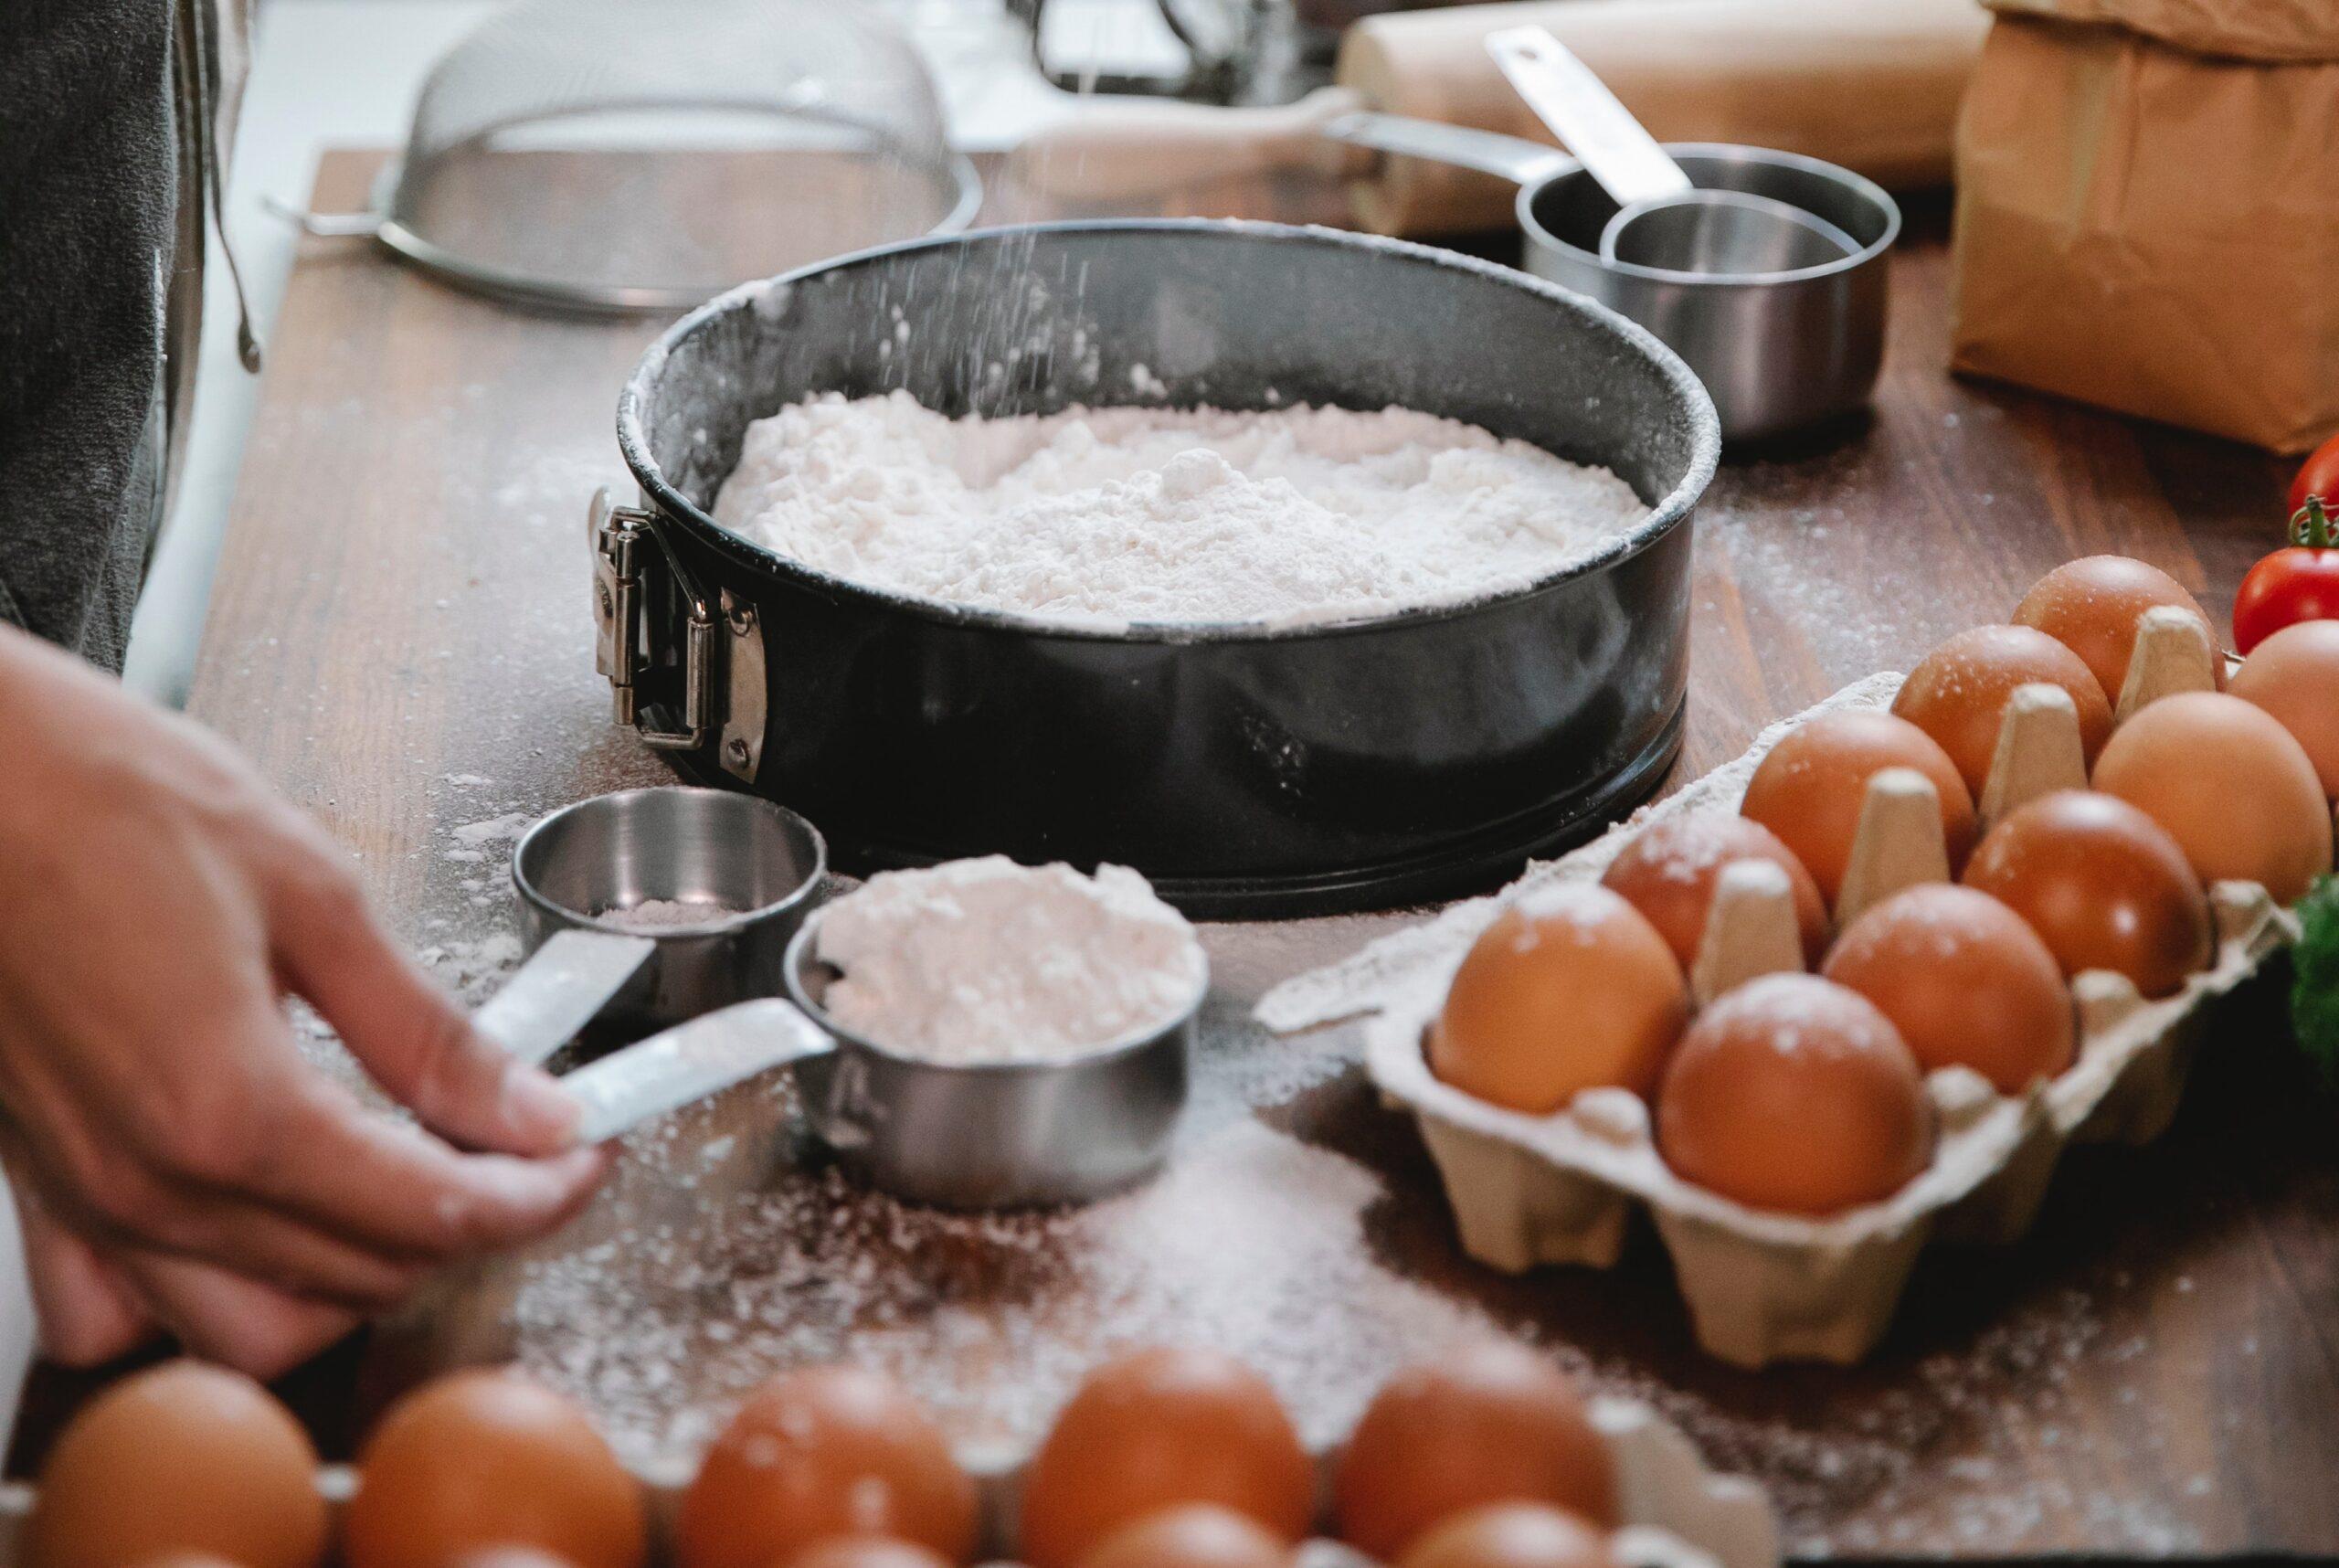 【烘焙必知】食譜配方上的單位該如何換算呢?超實用的烘焙材料單位換算與烘焙模具尺寸換算!